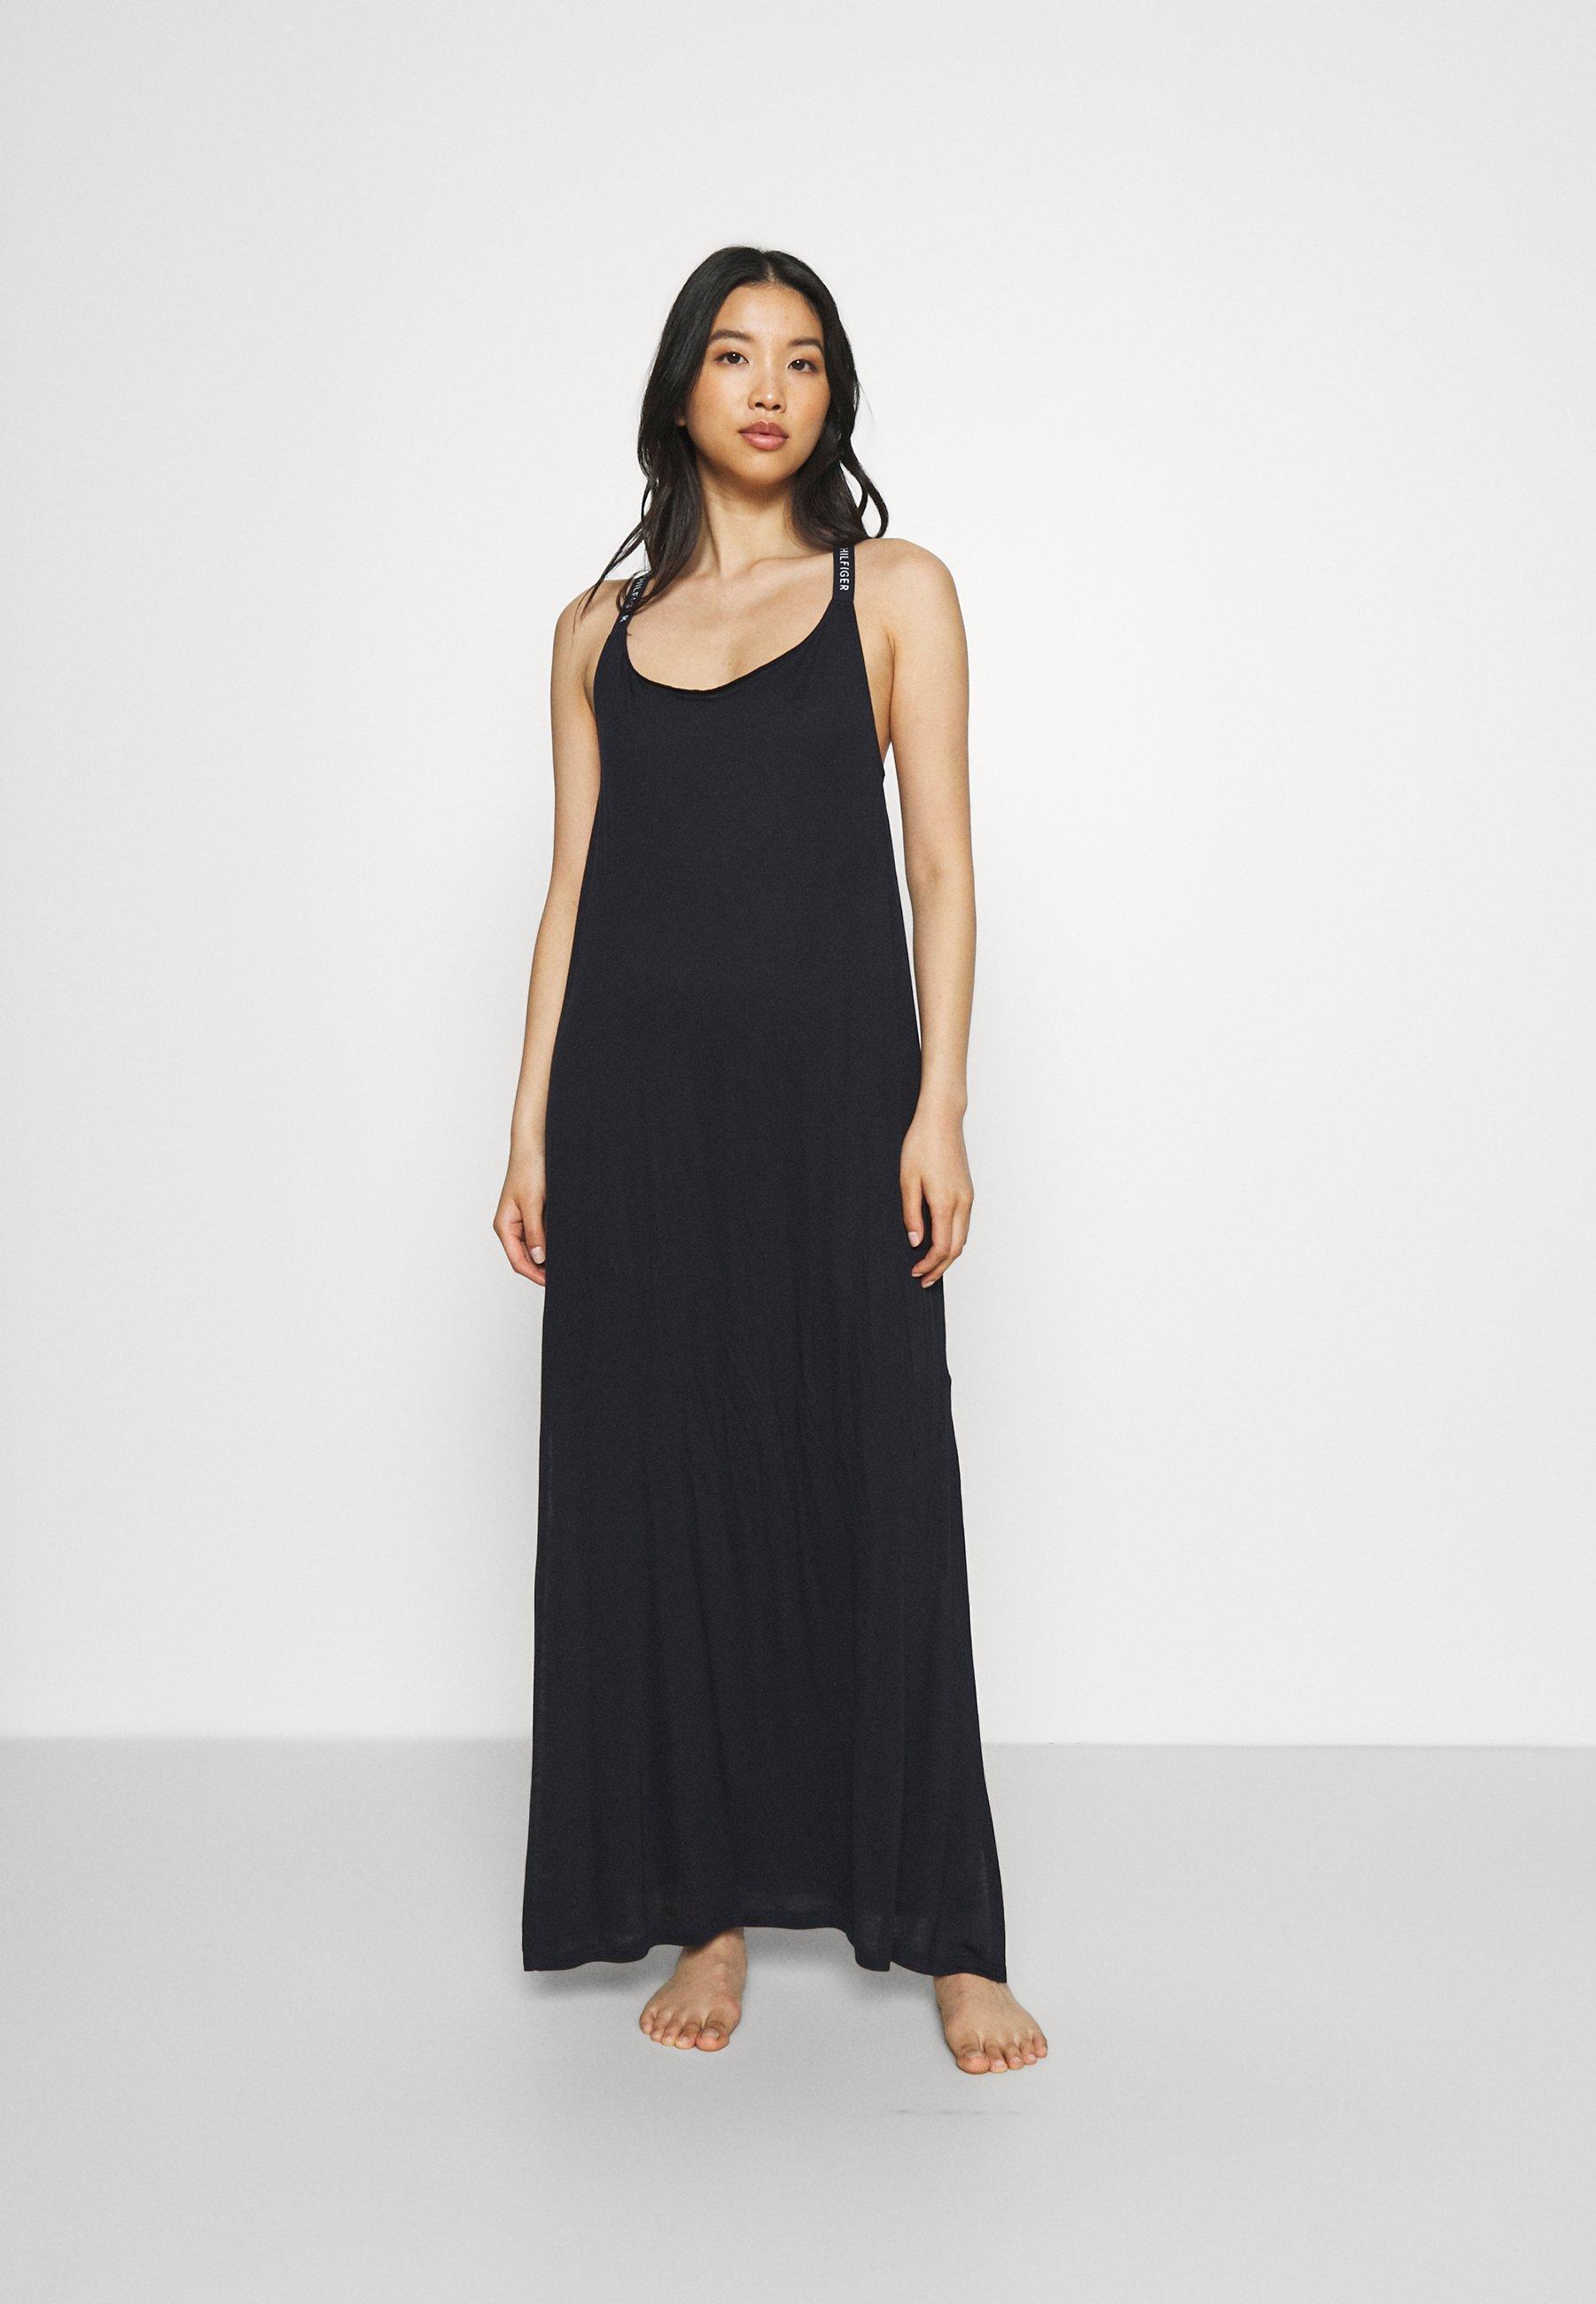 Donna CORE SOLID LOGO DRESS - Accessorio da spiaggia